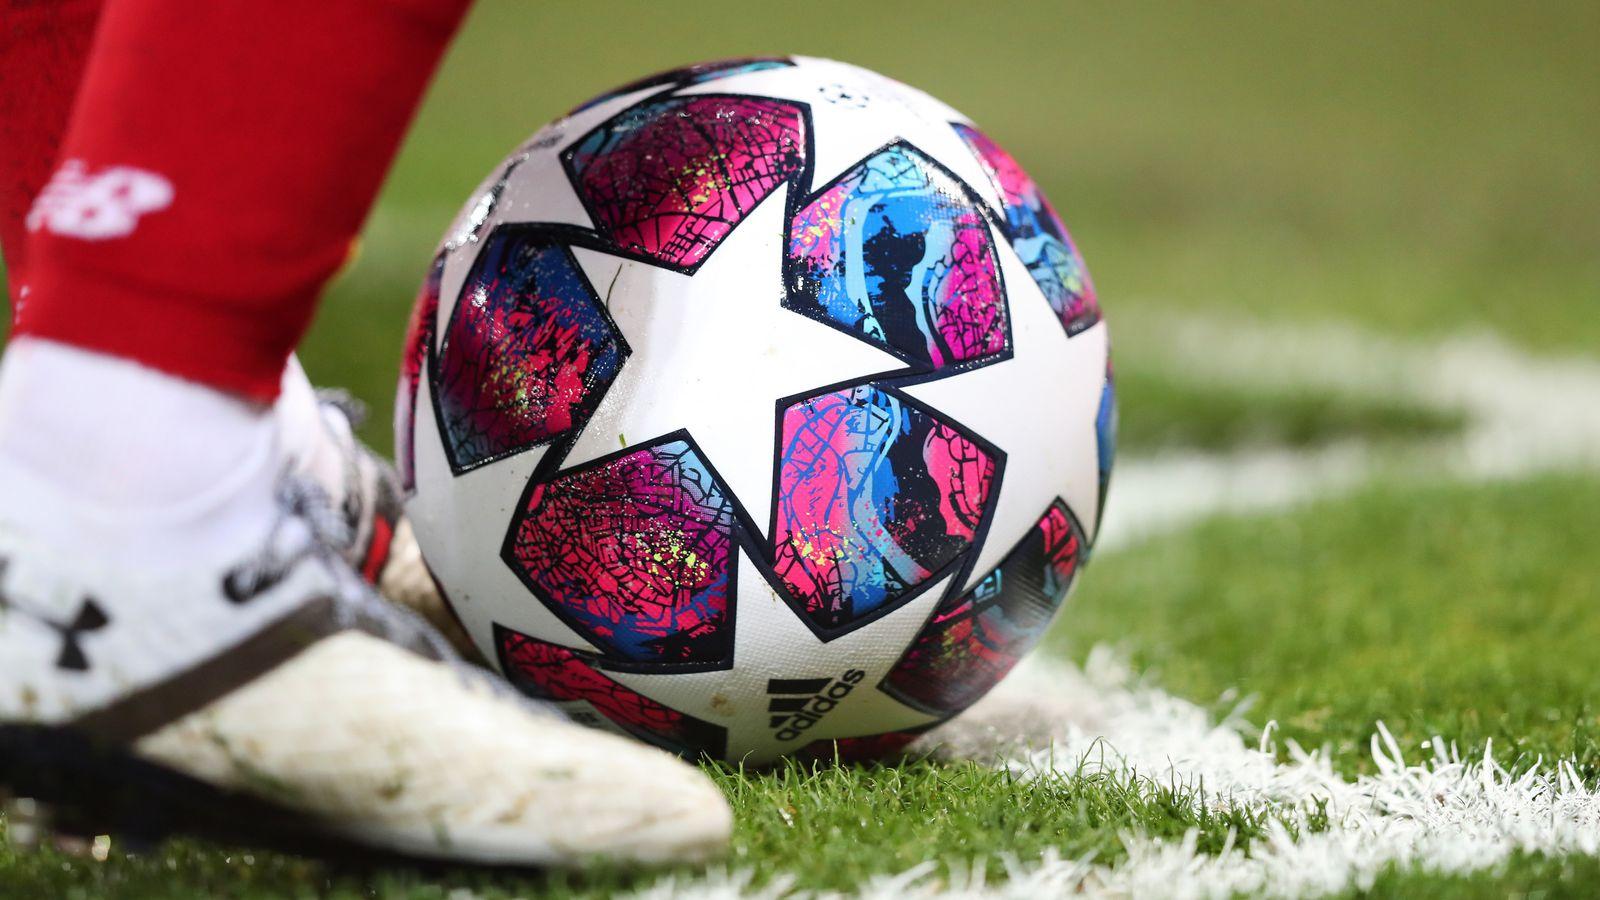 Liga de Campeones, la Europa League se terminará en agosto, dice el presidente Aleksander Ceferin | Noticias de futbol 2